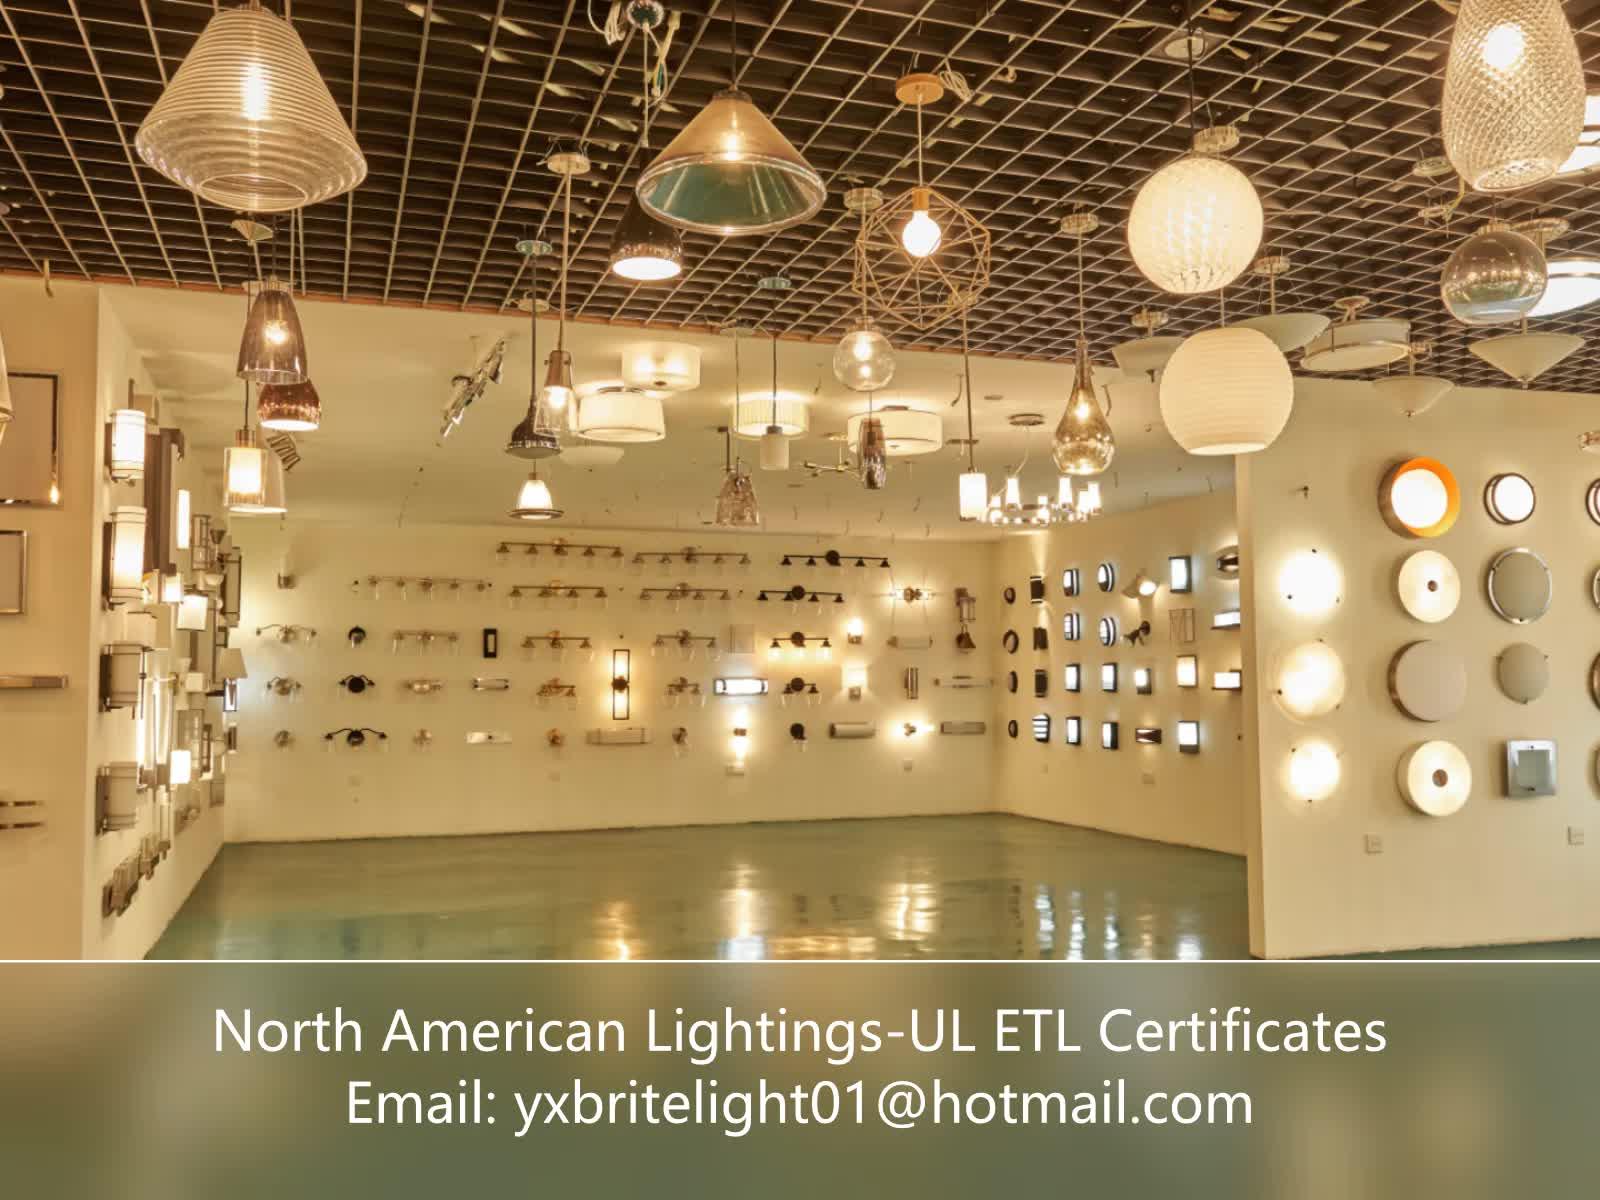 Otel Bahçe Modern Yukarı Aşağı Monte Fener Dış Ip65 Fikstür Aplik Aydınlatma Led Lamba Dış Duvar Lambası